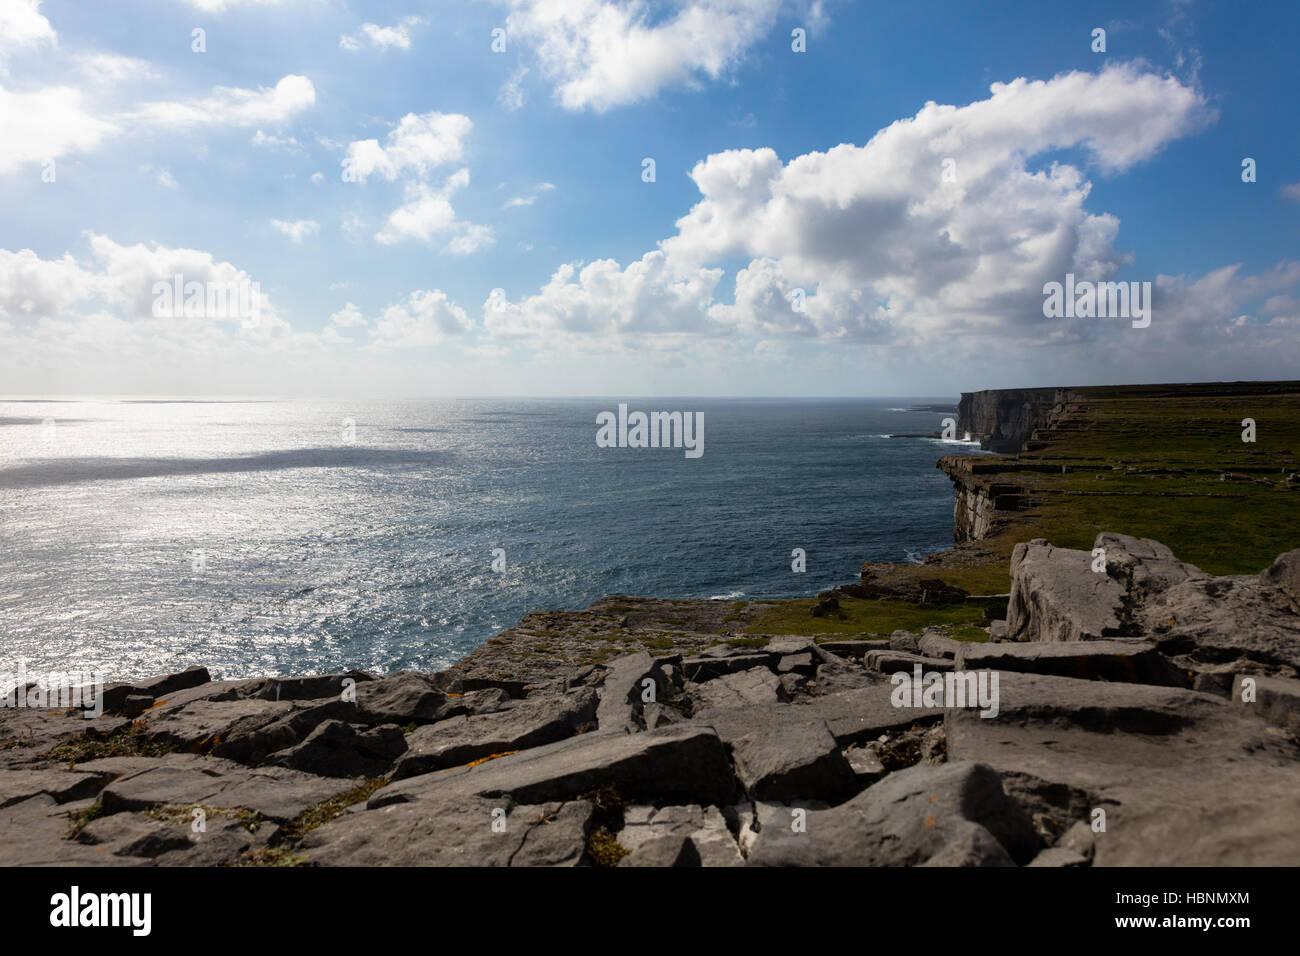 Inish more, Ireland - Stock Image